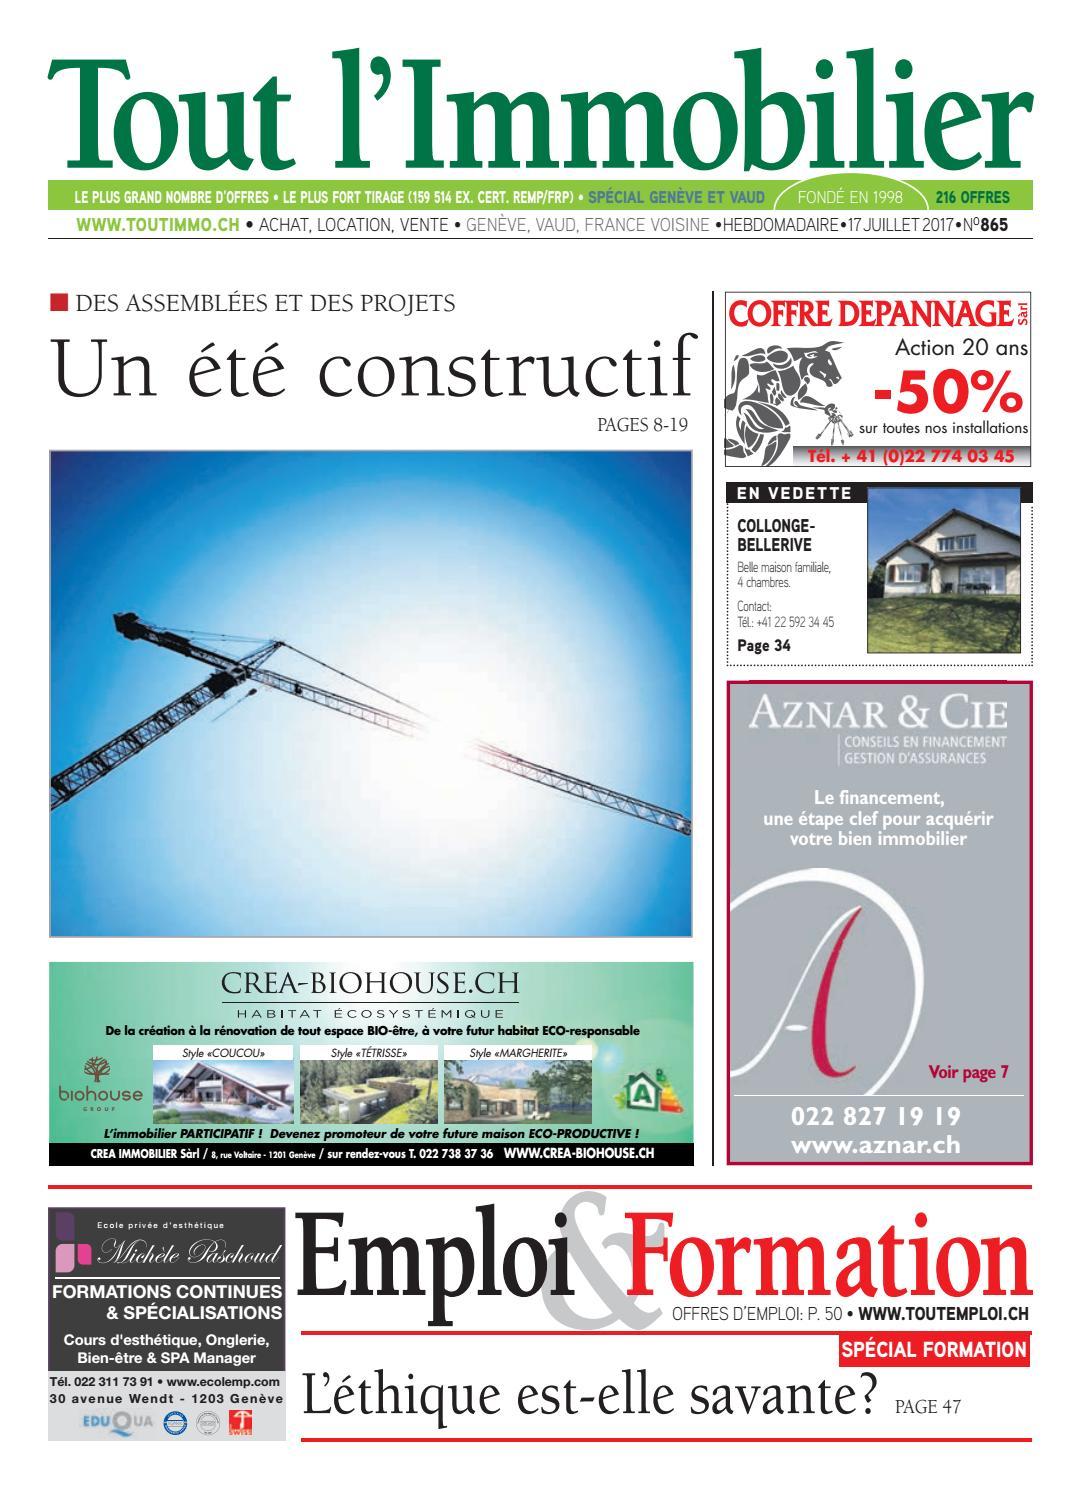 Salle De Bain Brico Depot Carpiquet ~ Tout L Immobilier Tout L Emploi Et Formation Du 17 07 17 By Tout L